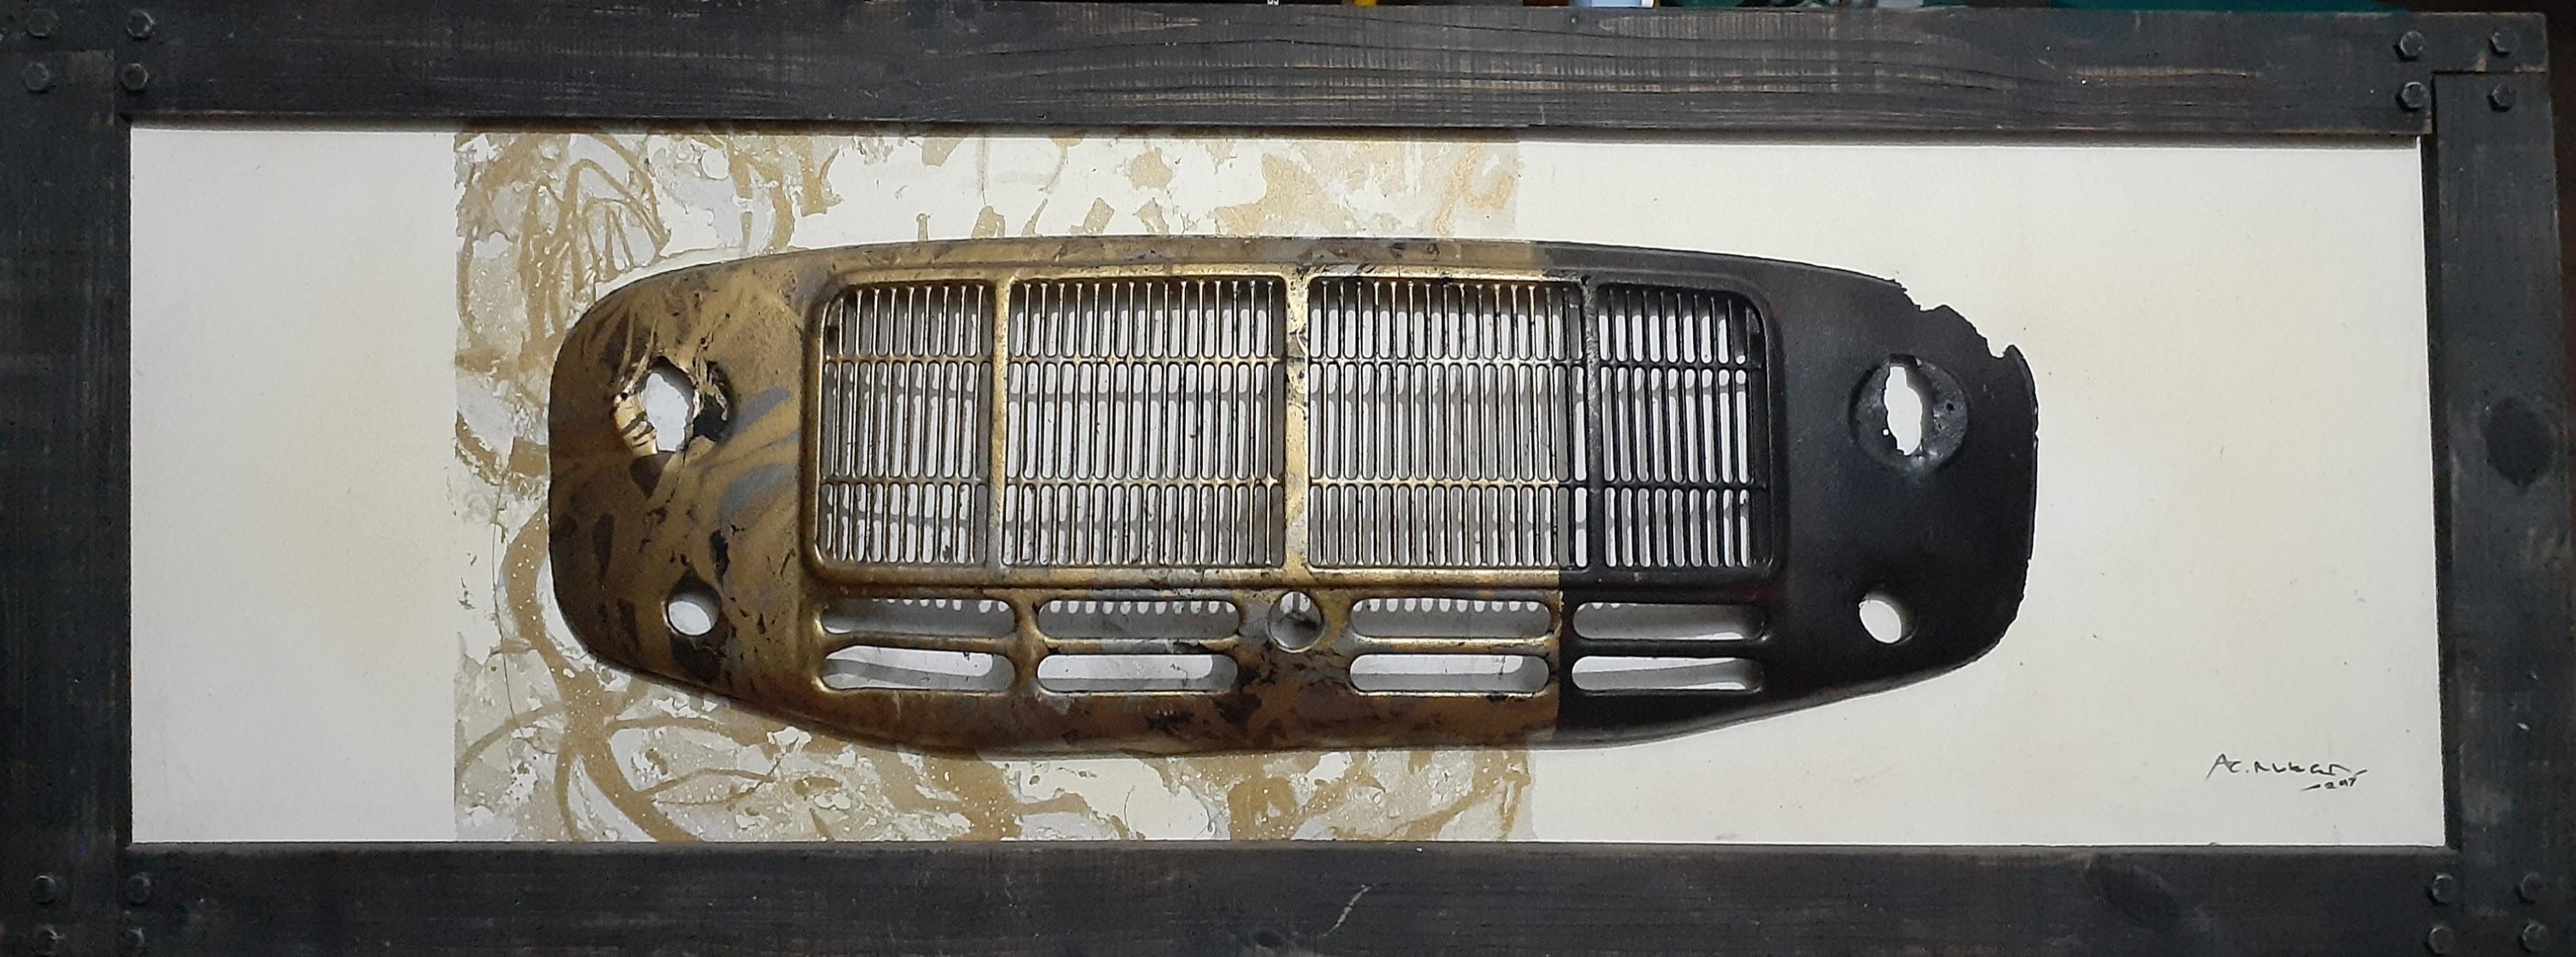 Vintage car 4 Morris minor by AC Nuwan